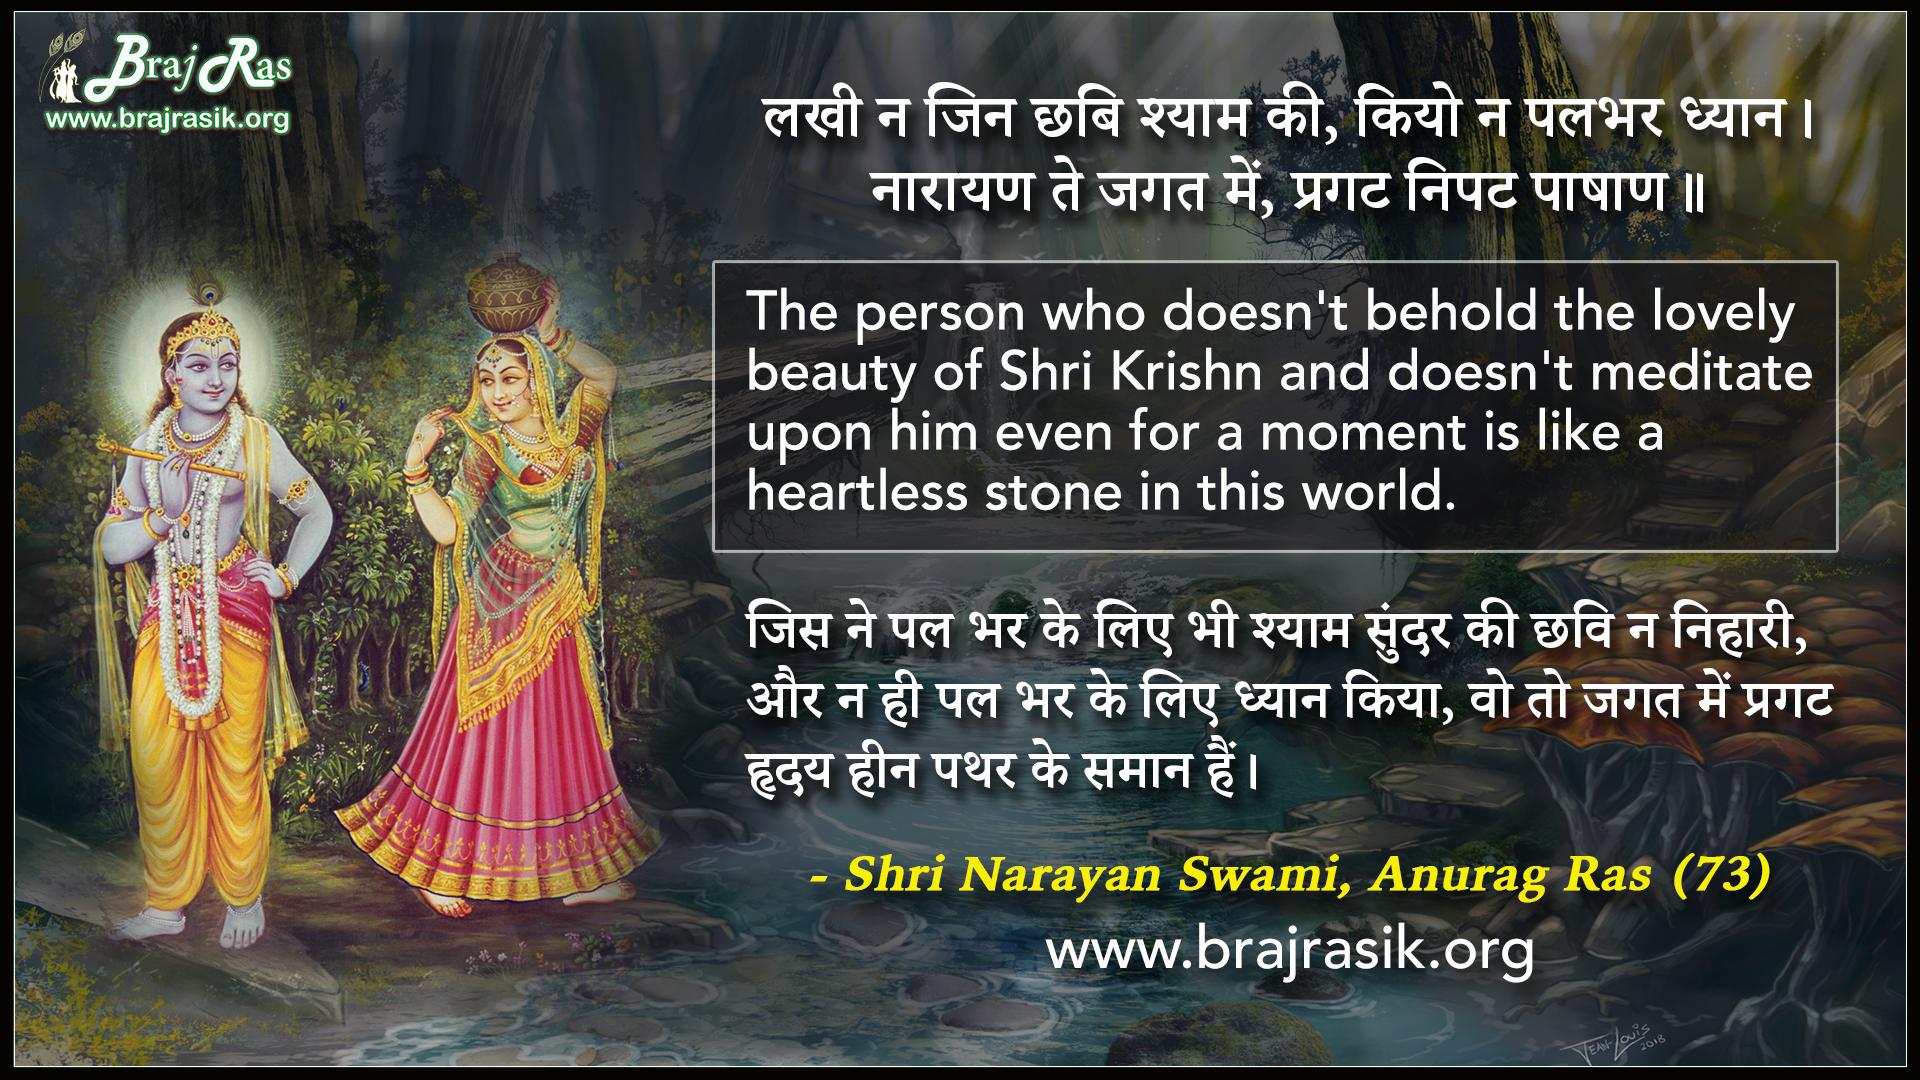 Lakhee Na Jin Chhabi Shyam Ki - Shri Narayan Swami, Anurag Ras (73)